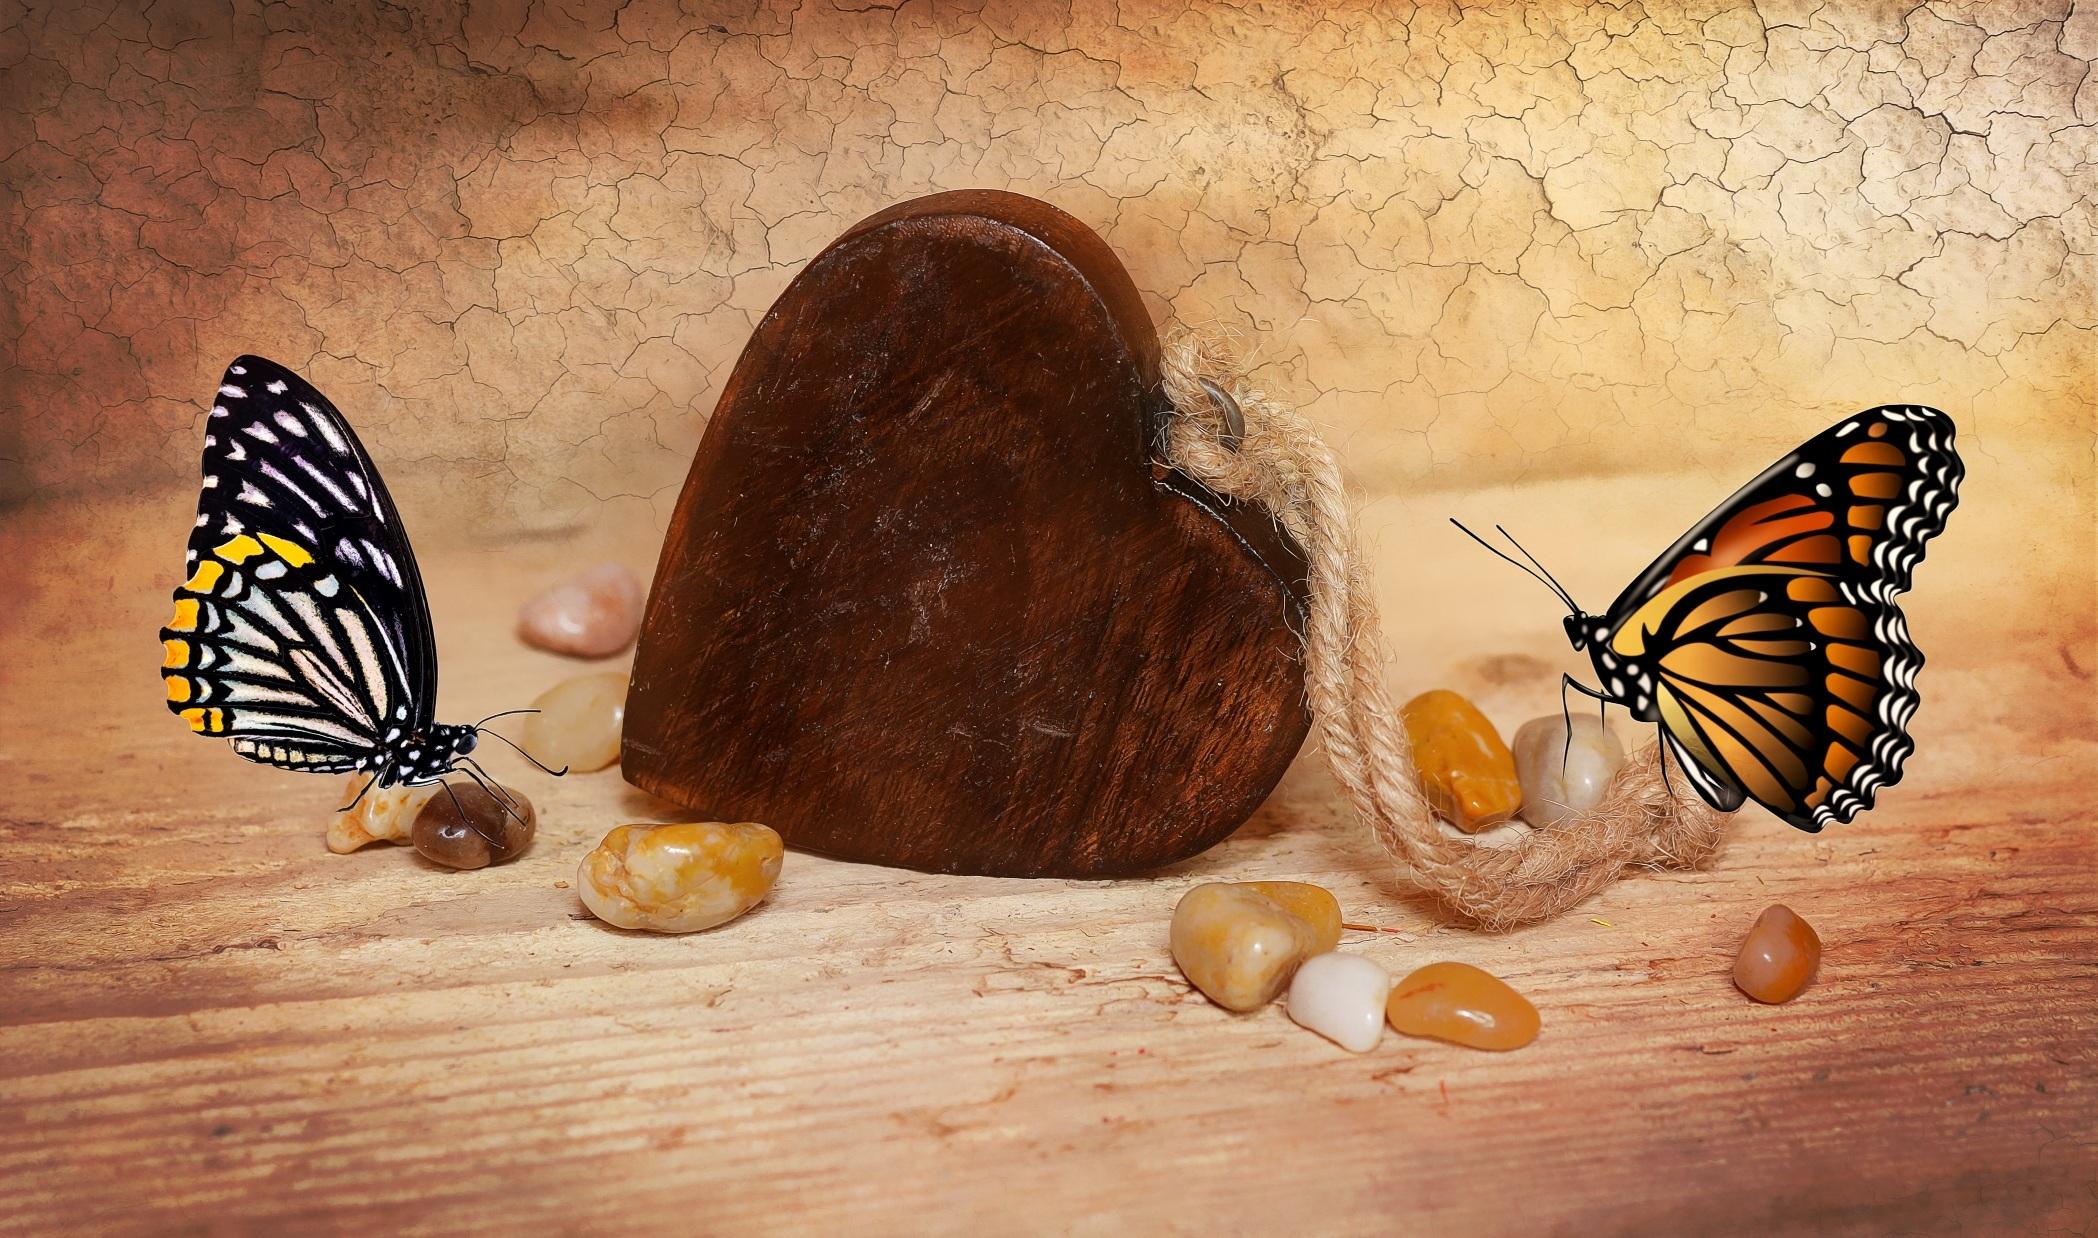 Fotos Gratis Decoraci N S Mbolo Insecto Mariposa Cerca  ~ Como Son Las Polillas De La Madera